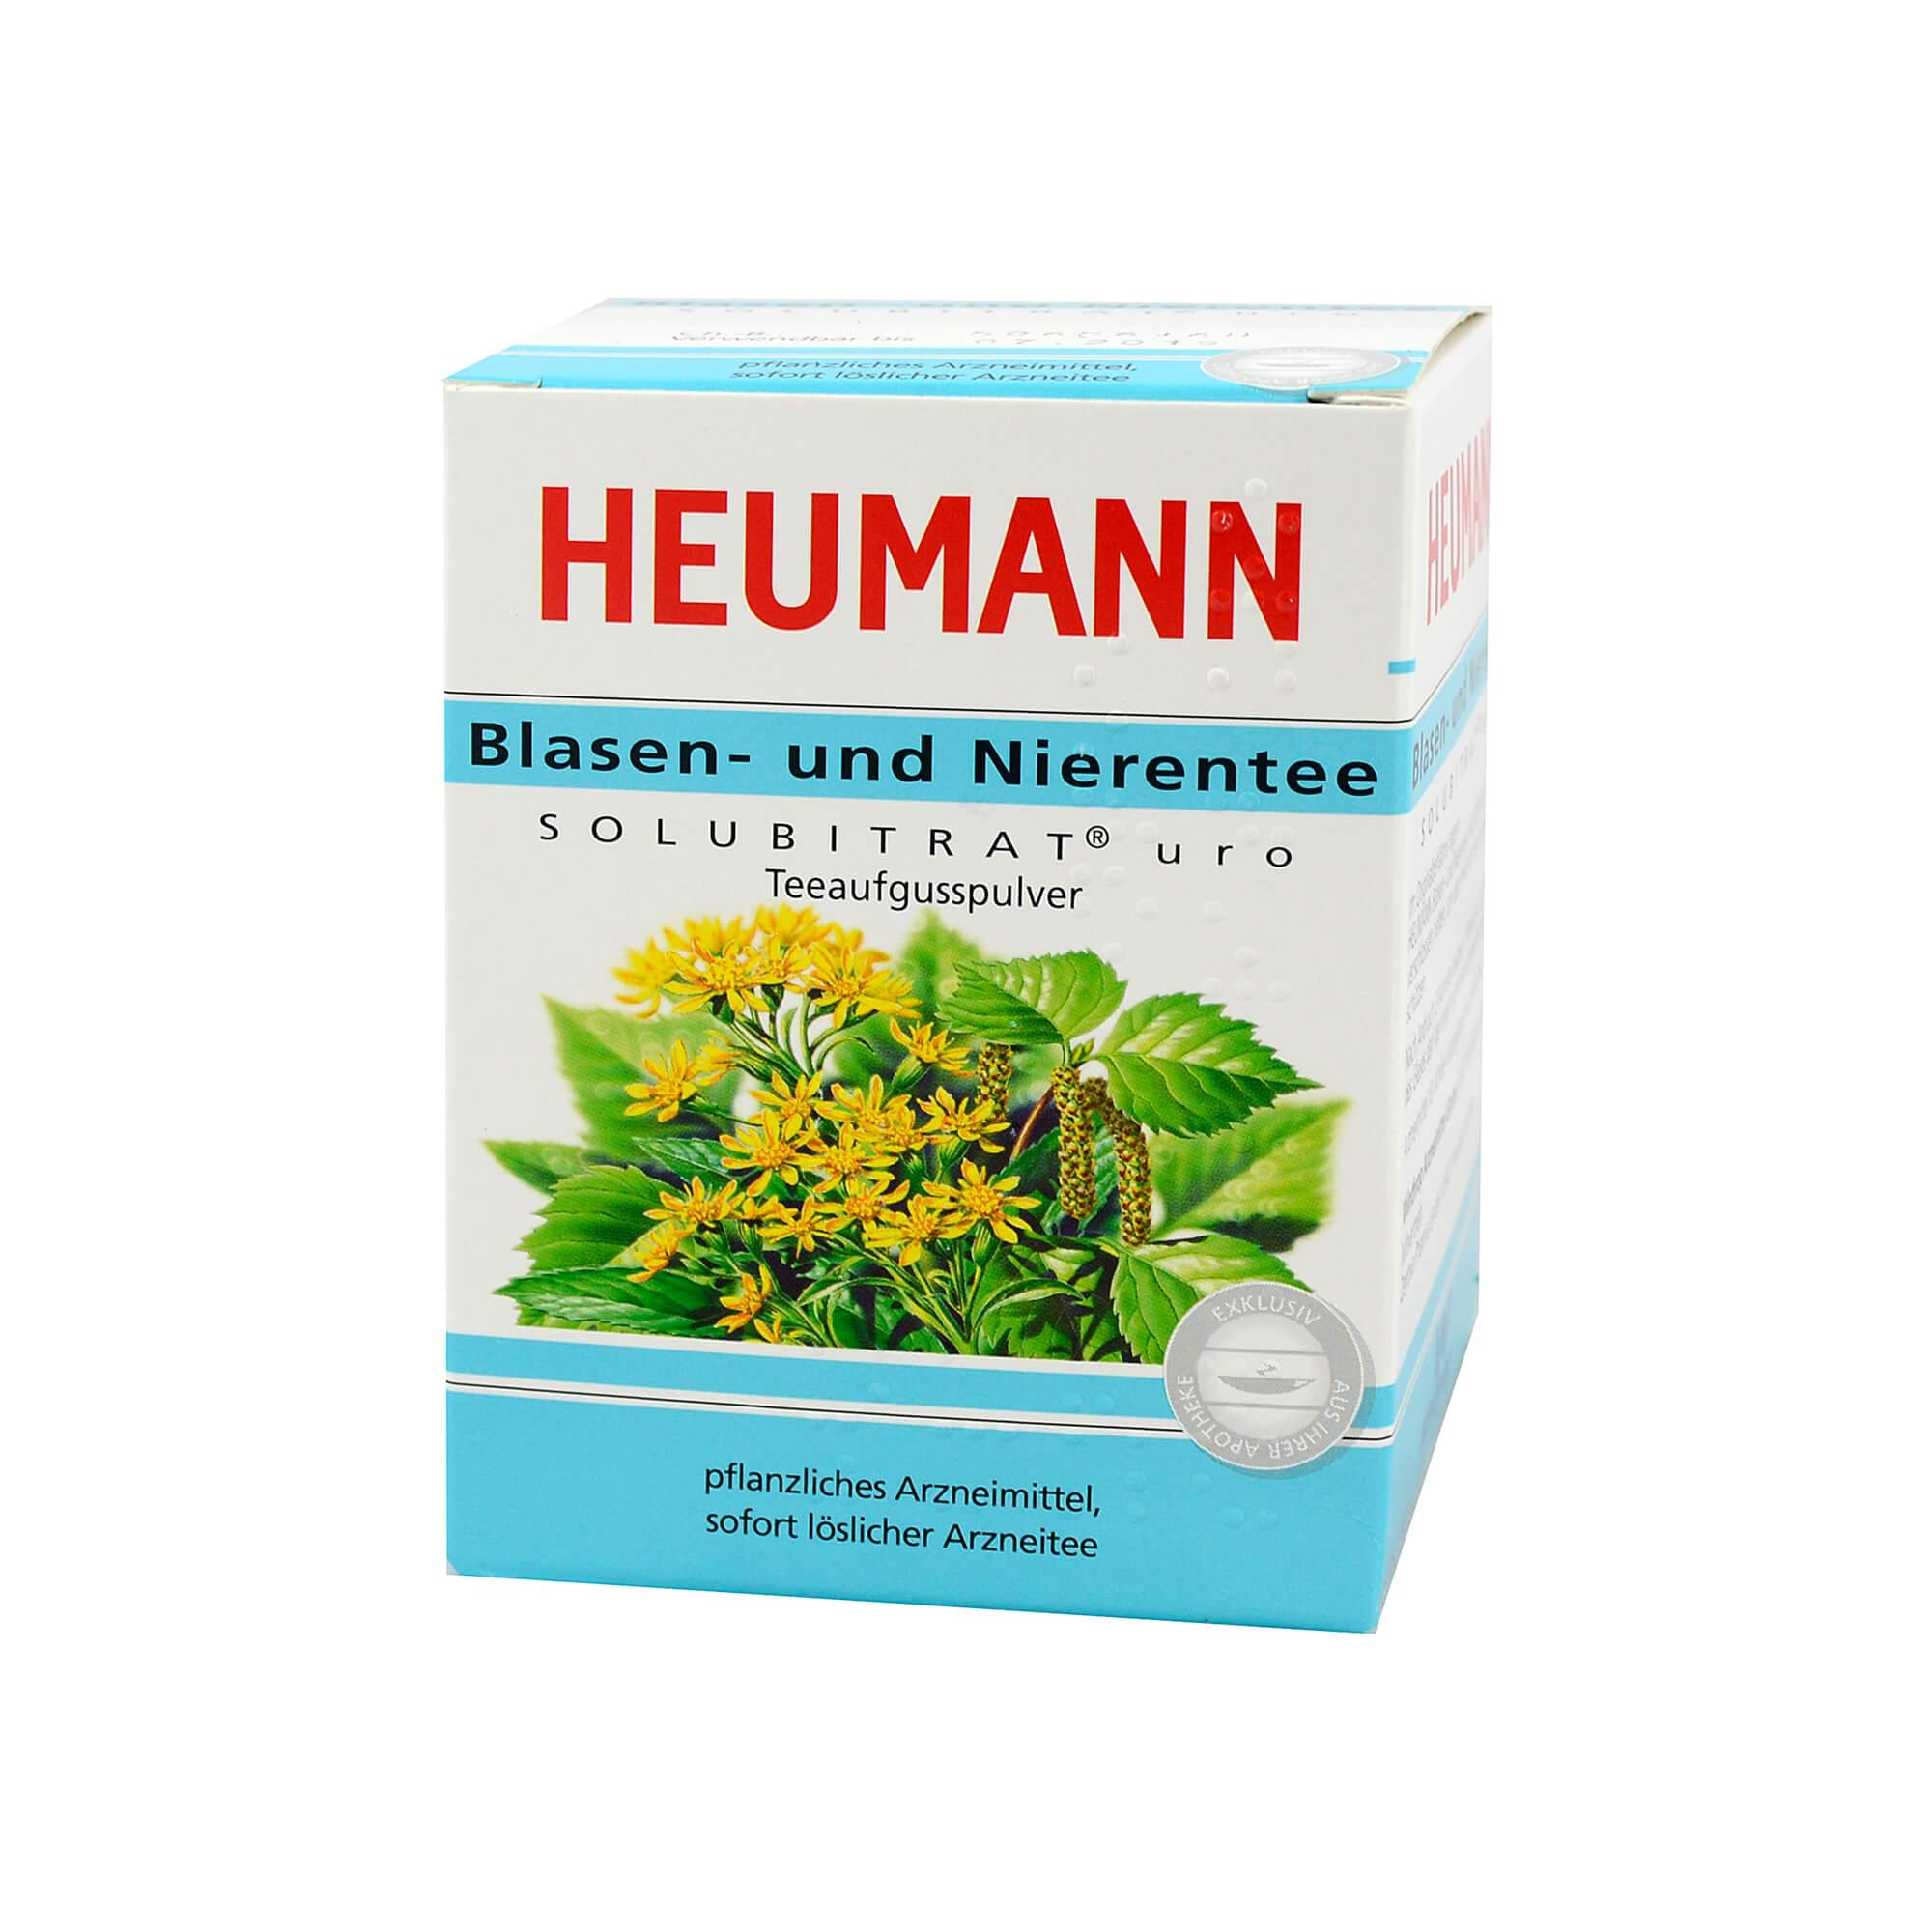 Heumann Blasen + Nieren Solubitrat Uro